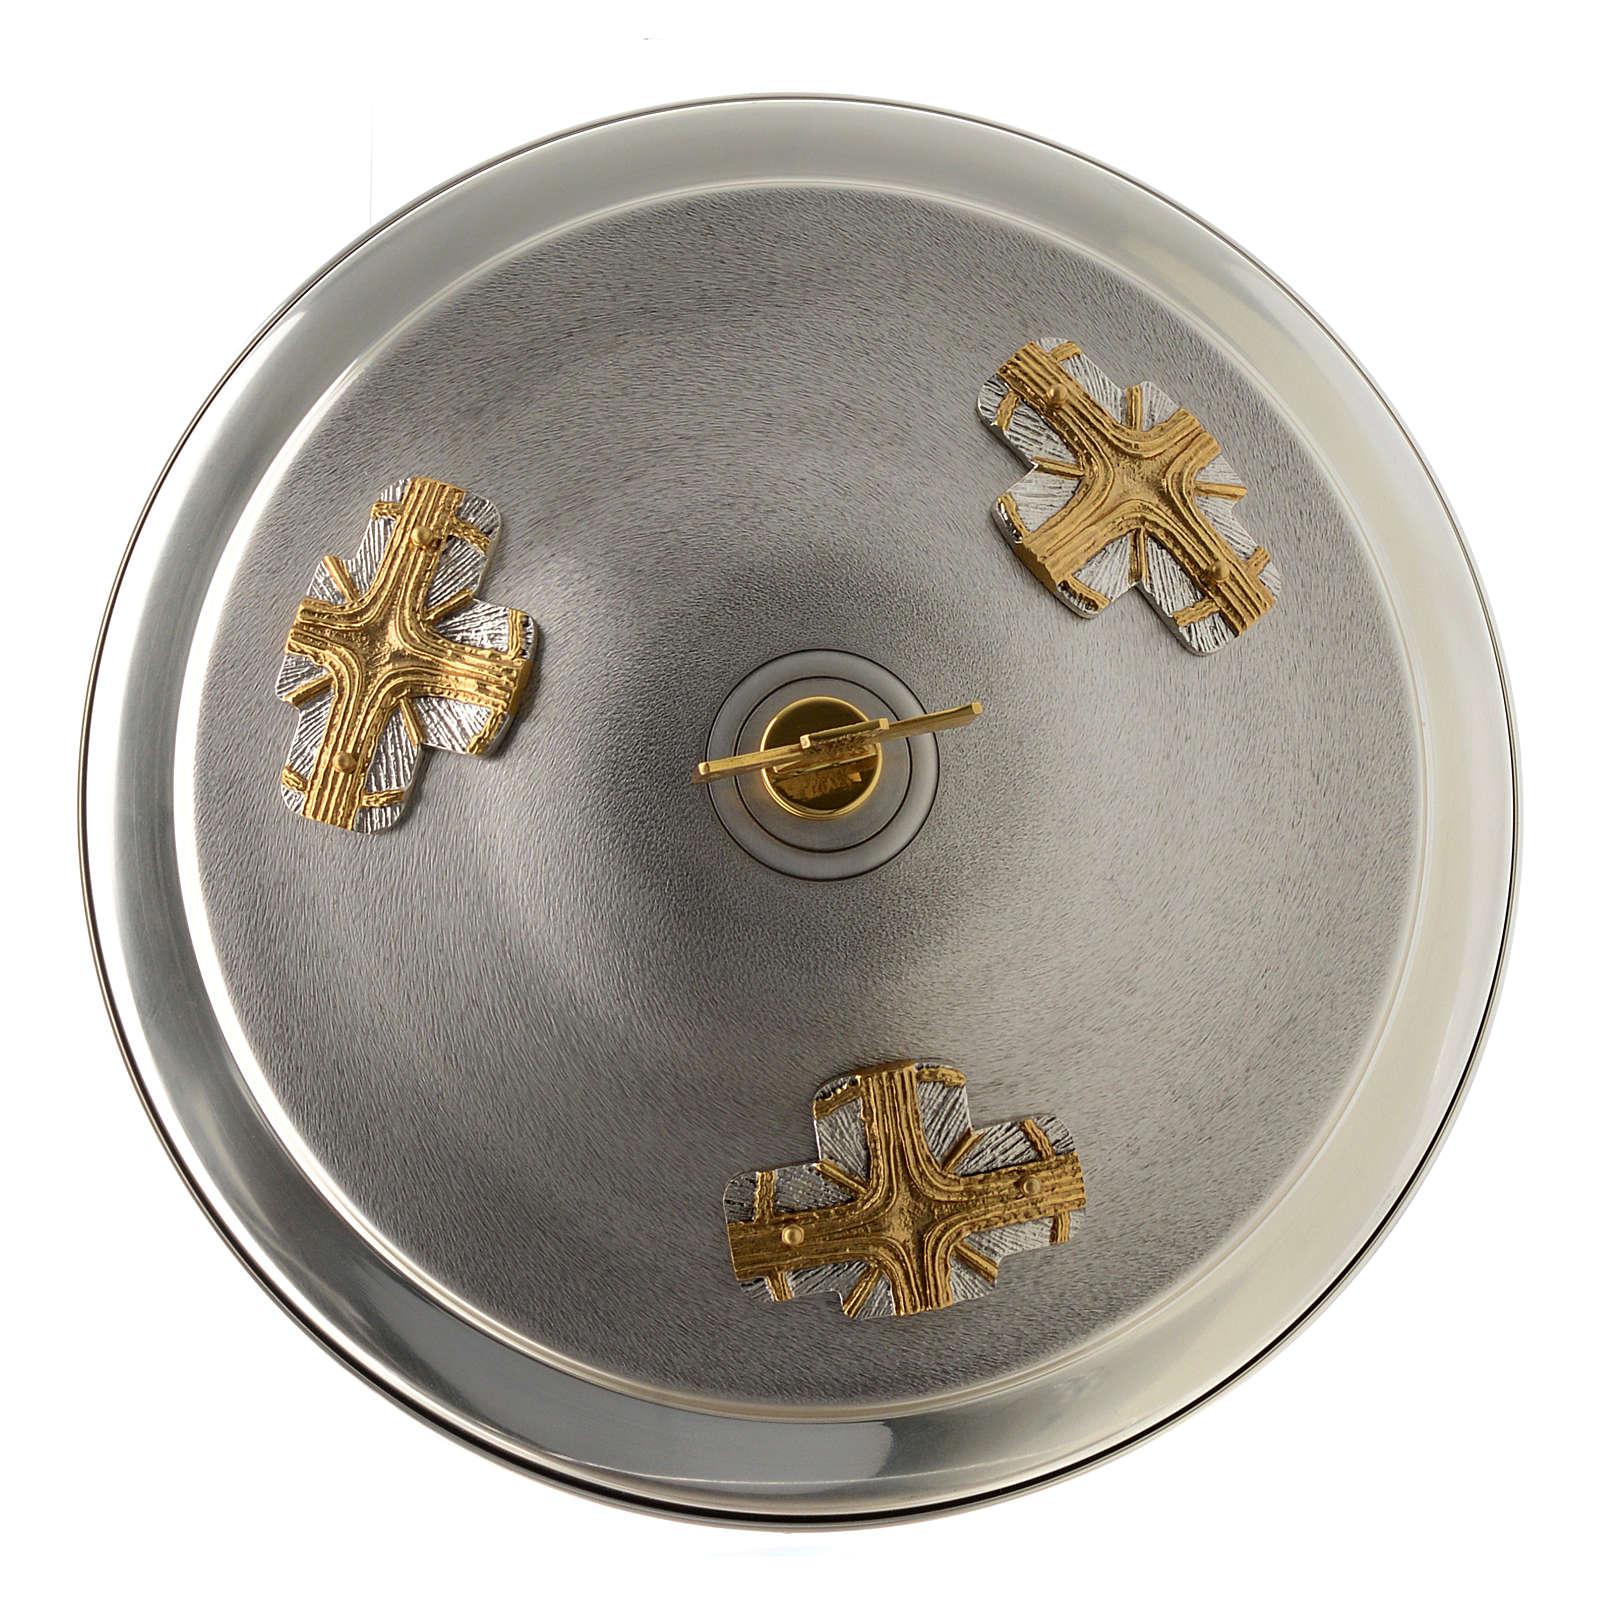 Taufbecken goldene und silbrige Bronze 4